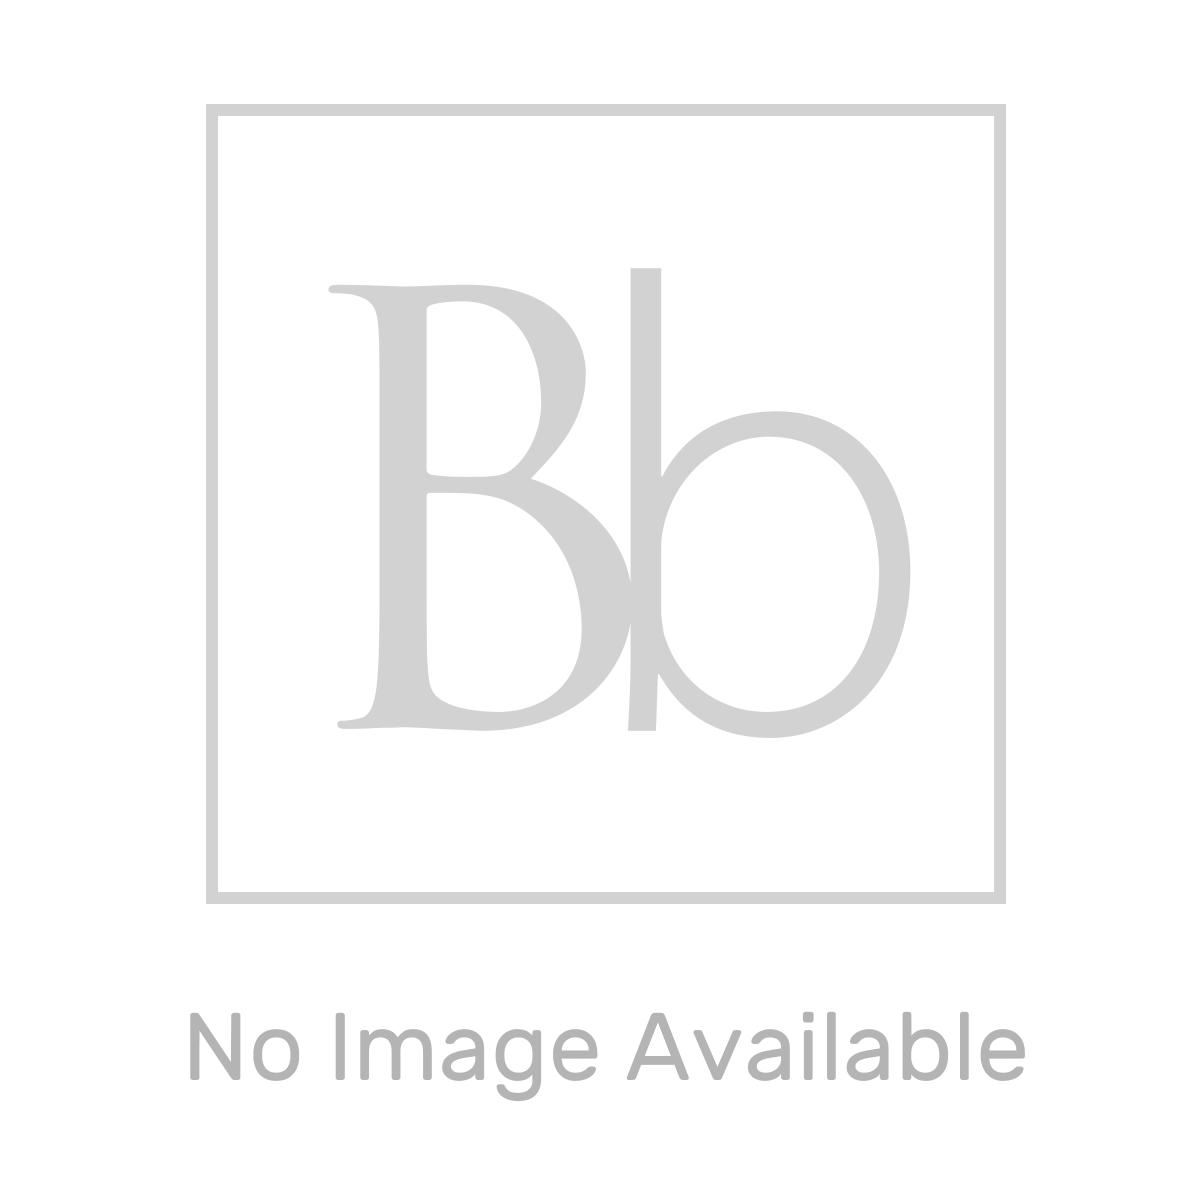 RAK Resort Ensuite Bathroom with Apex Quadrant Shower Enclosure